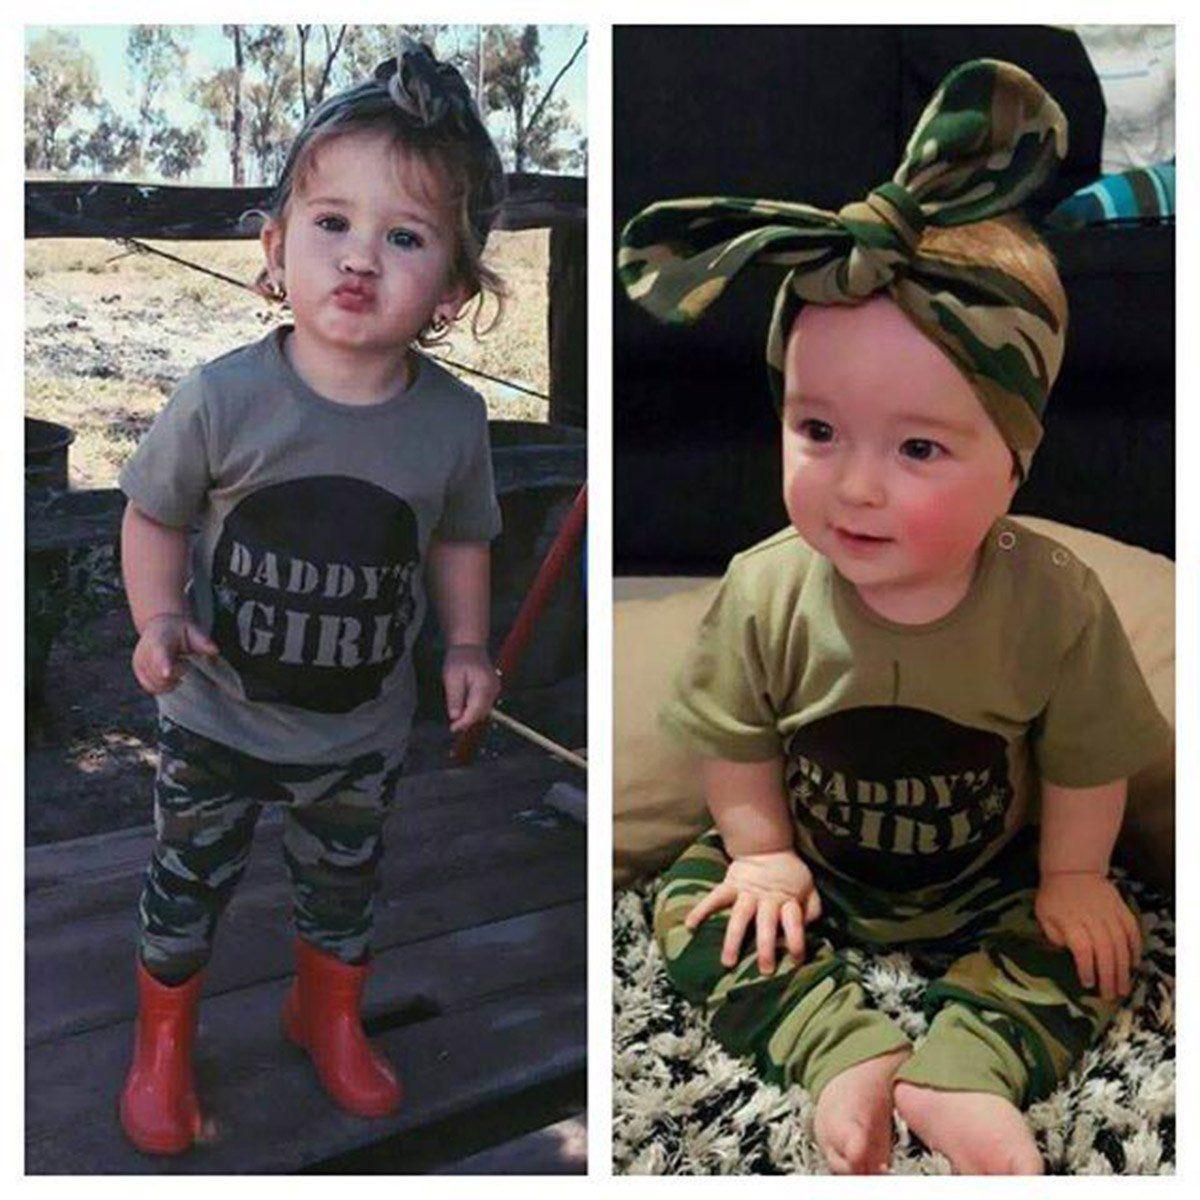 Toddler Kids Chłopcy Dziewczęta Topy Camo T-shirt Spodnie Letnie - Ubrania dziecięce - Zdjęcie 2